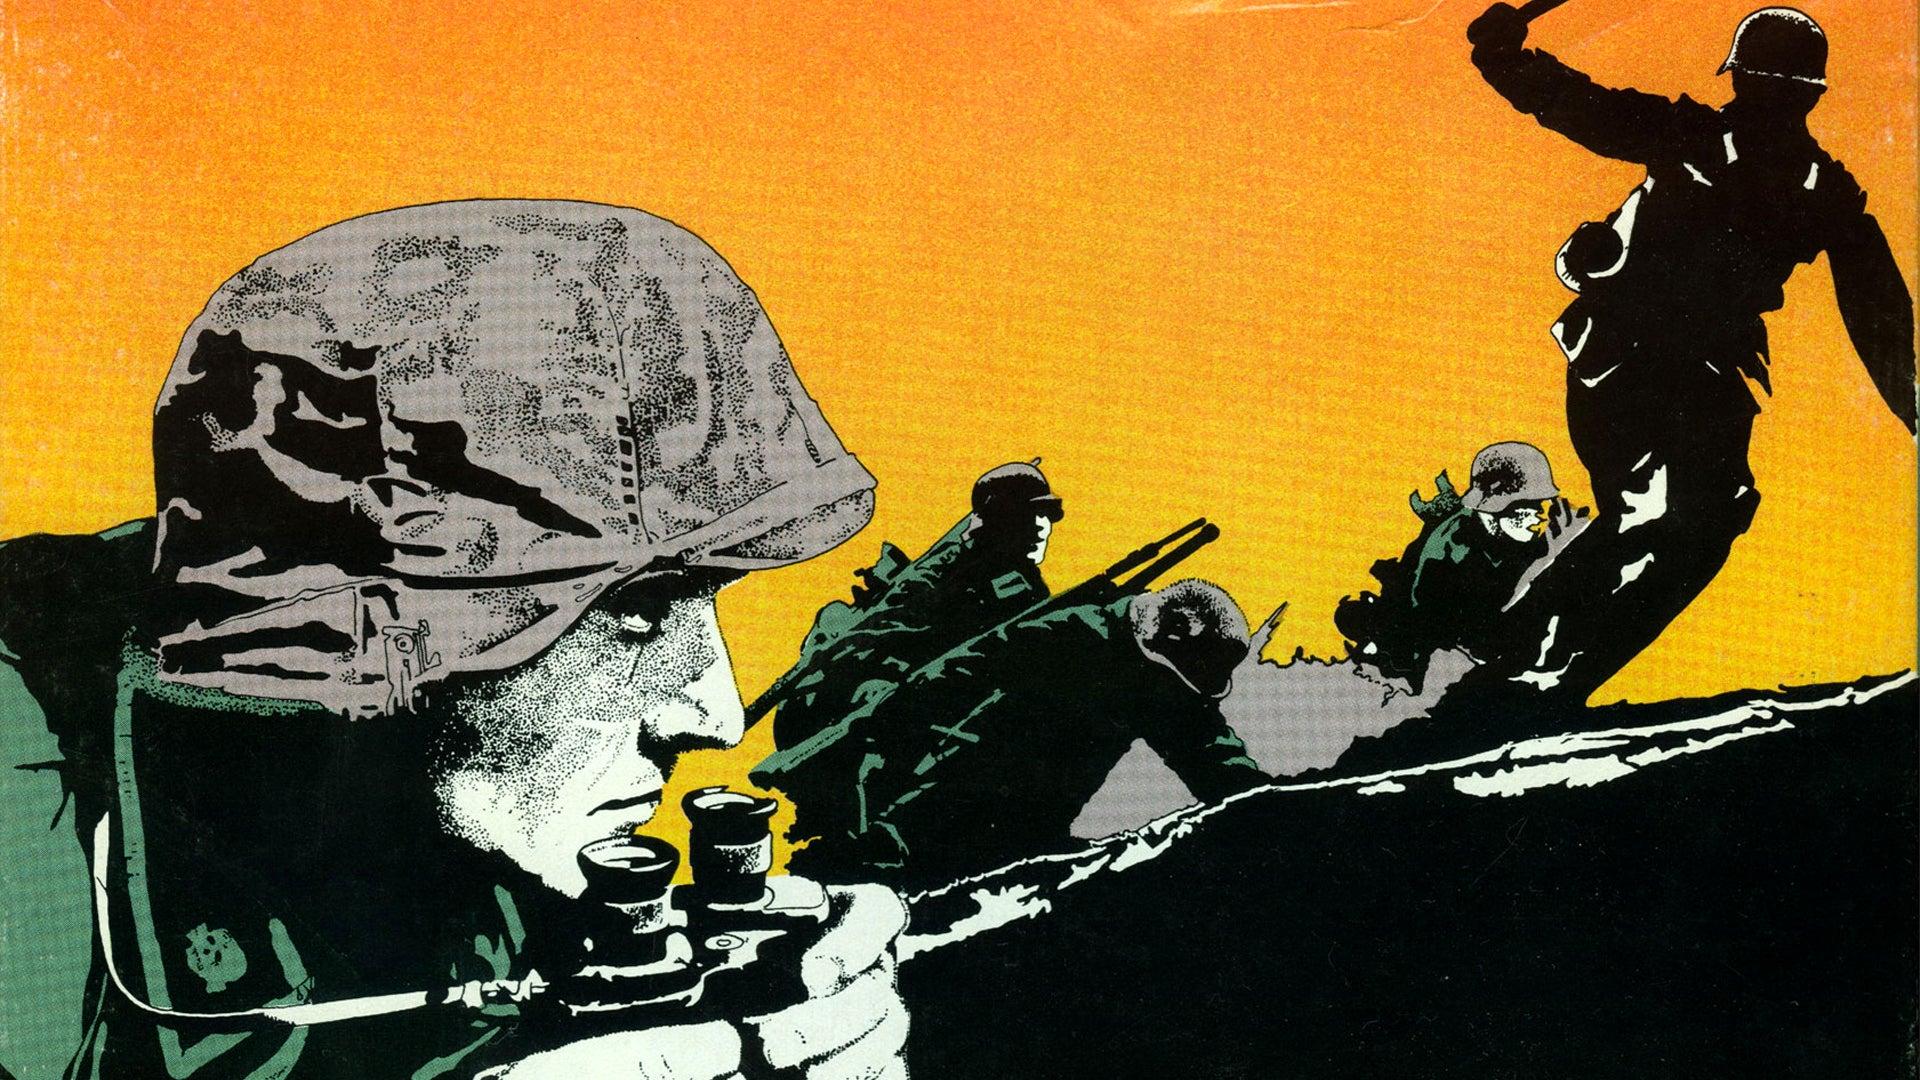 squad-leader-board-game-artwork.jpg